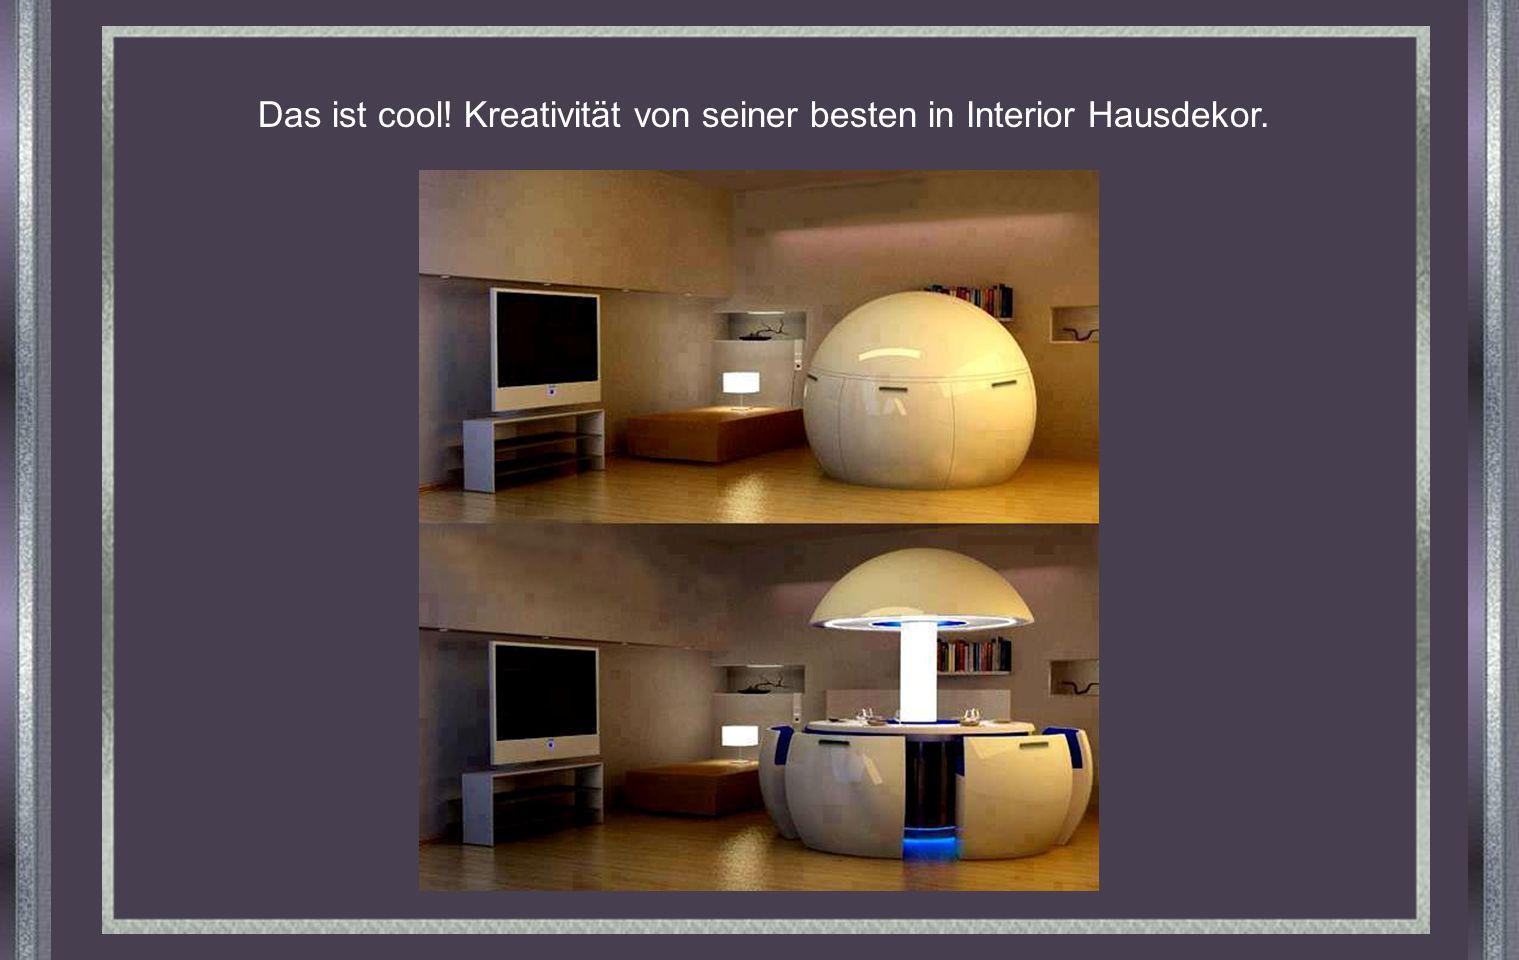 Solarbetriebene einfache transparente Touch Screen Taschenrechner Für Kauf-und Detail- Spezifikationen finden Sie unter: http://buff.ly/16ZzgSQ http://buff.ly/16ZzgSQ